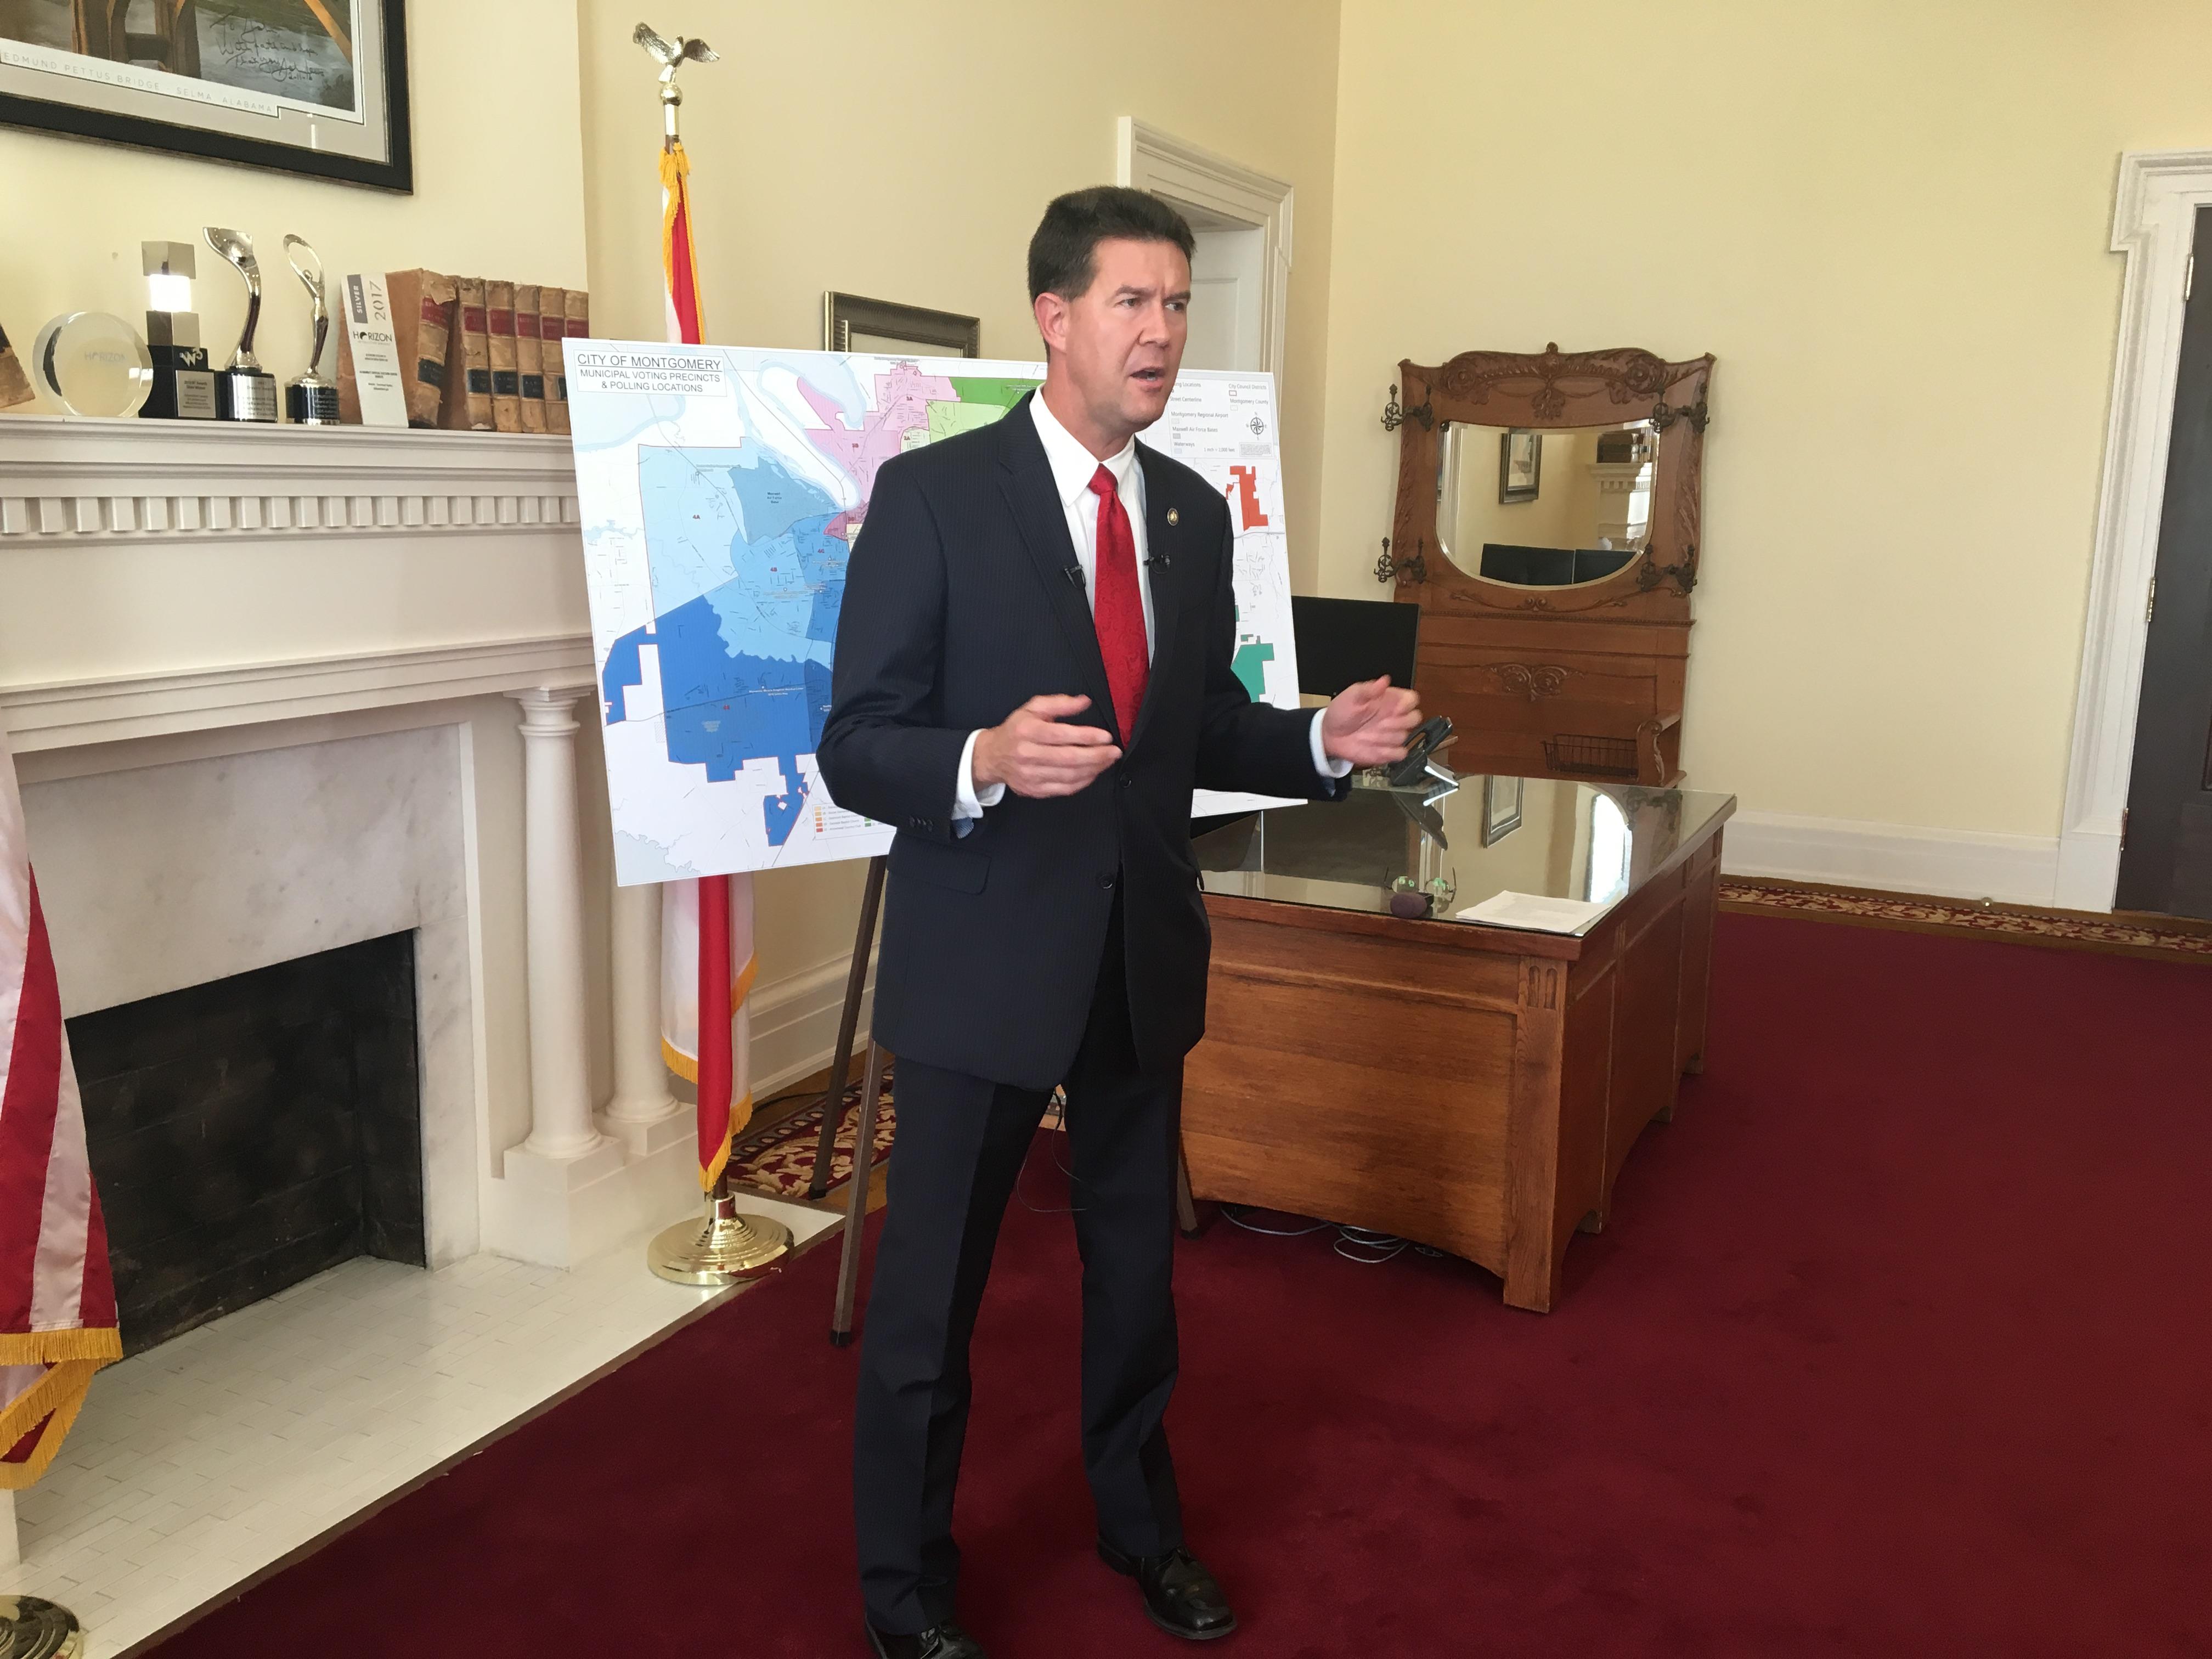 John Merrill will monitor runoff in Montgomery mayor's race